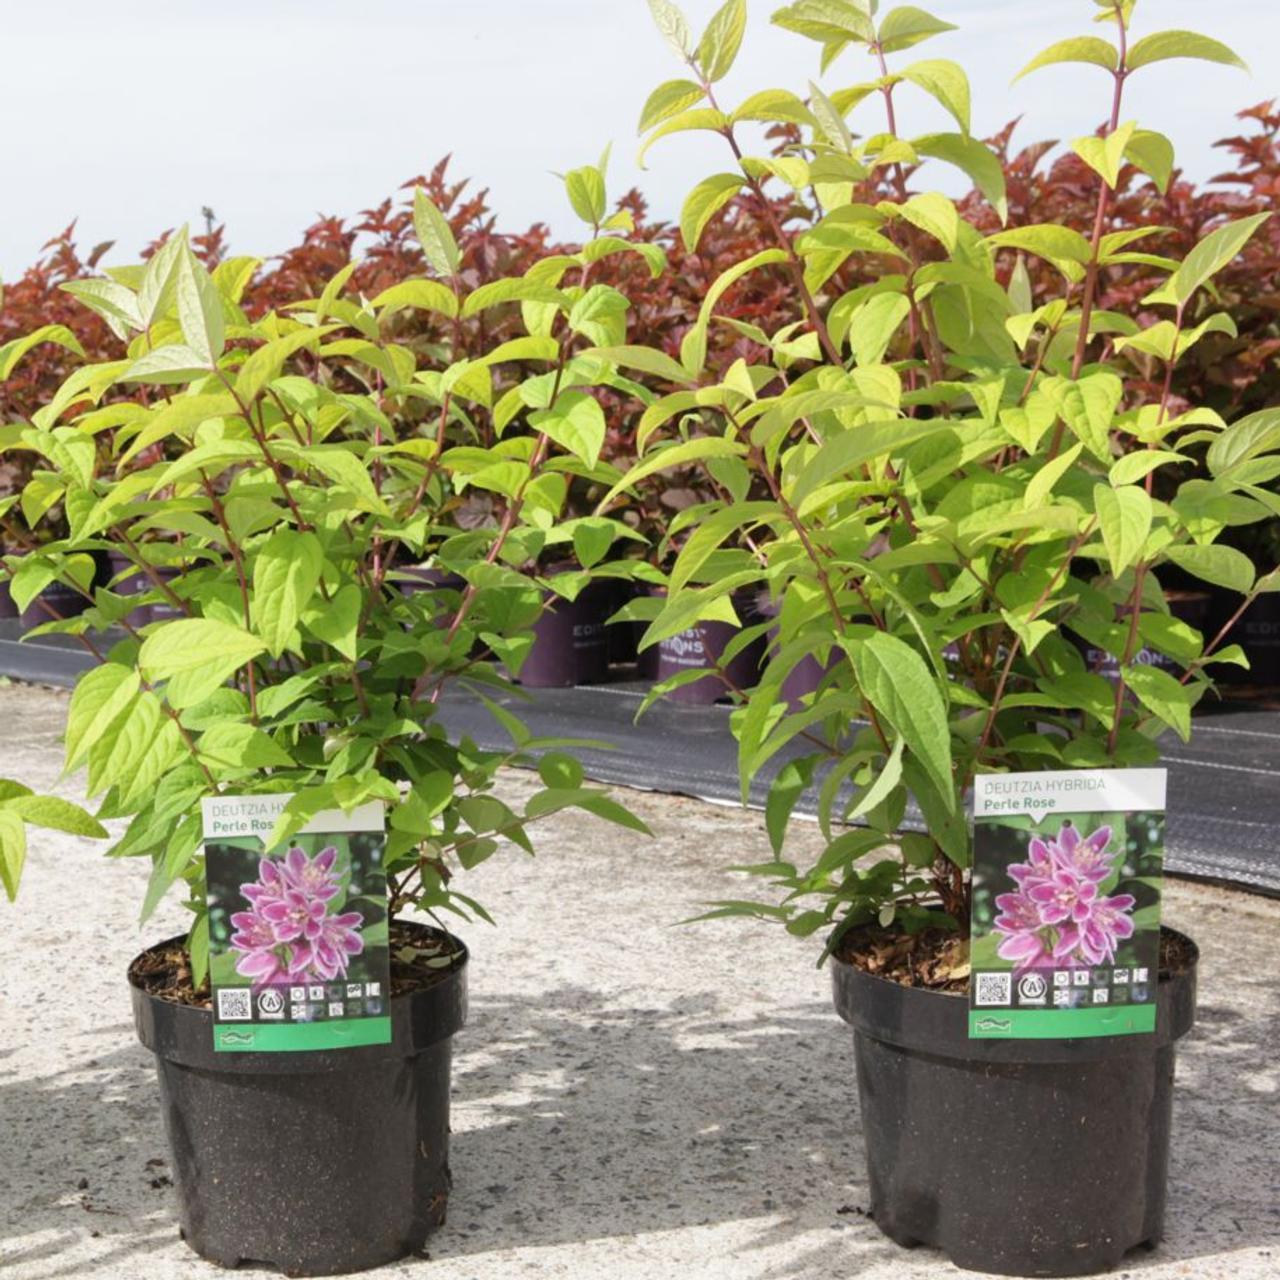 Deutzia hybrida 'Perle Rose' plant